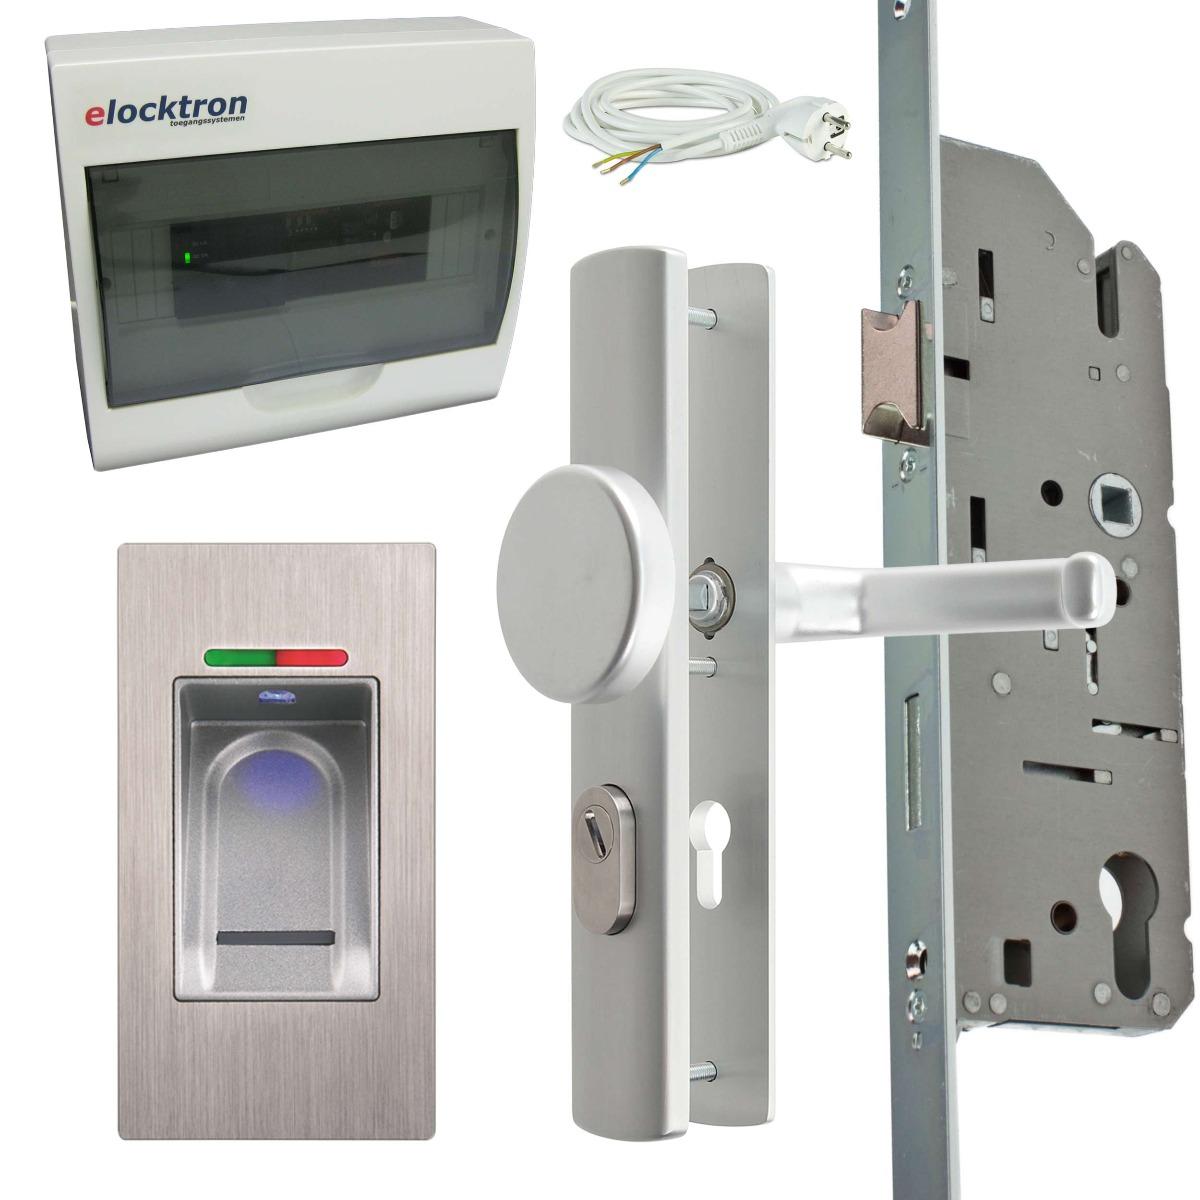 Compleet toegangscontrolesysteem met vingerscan